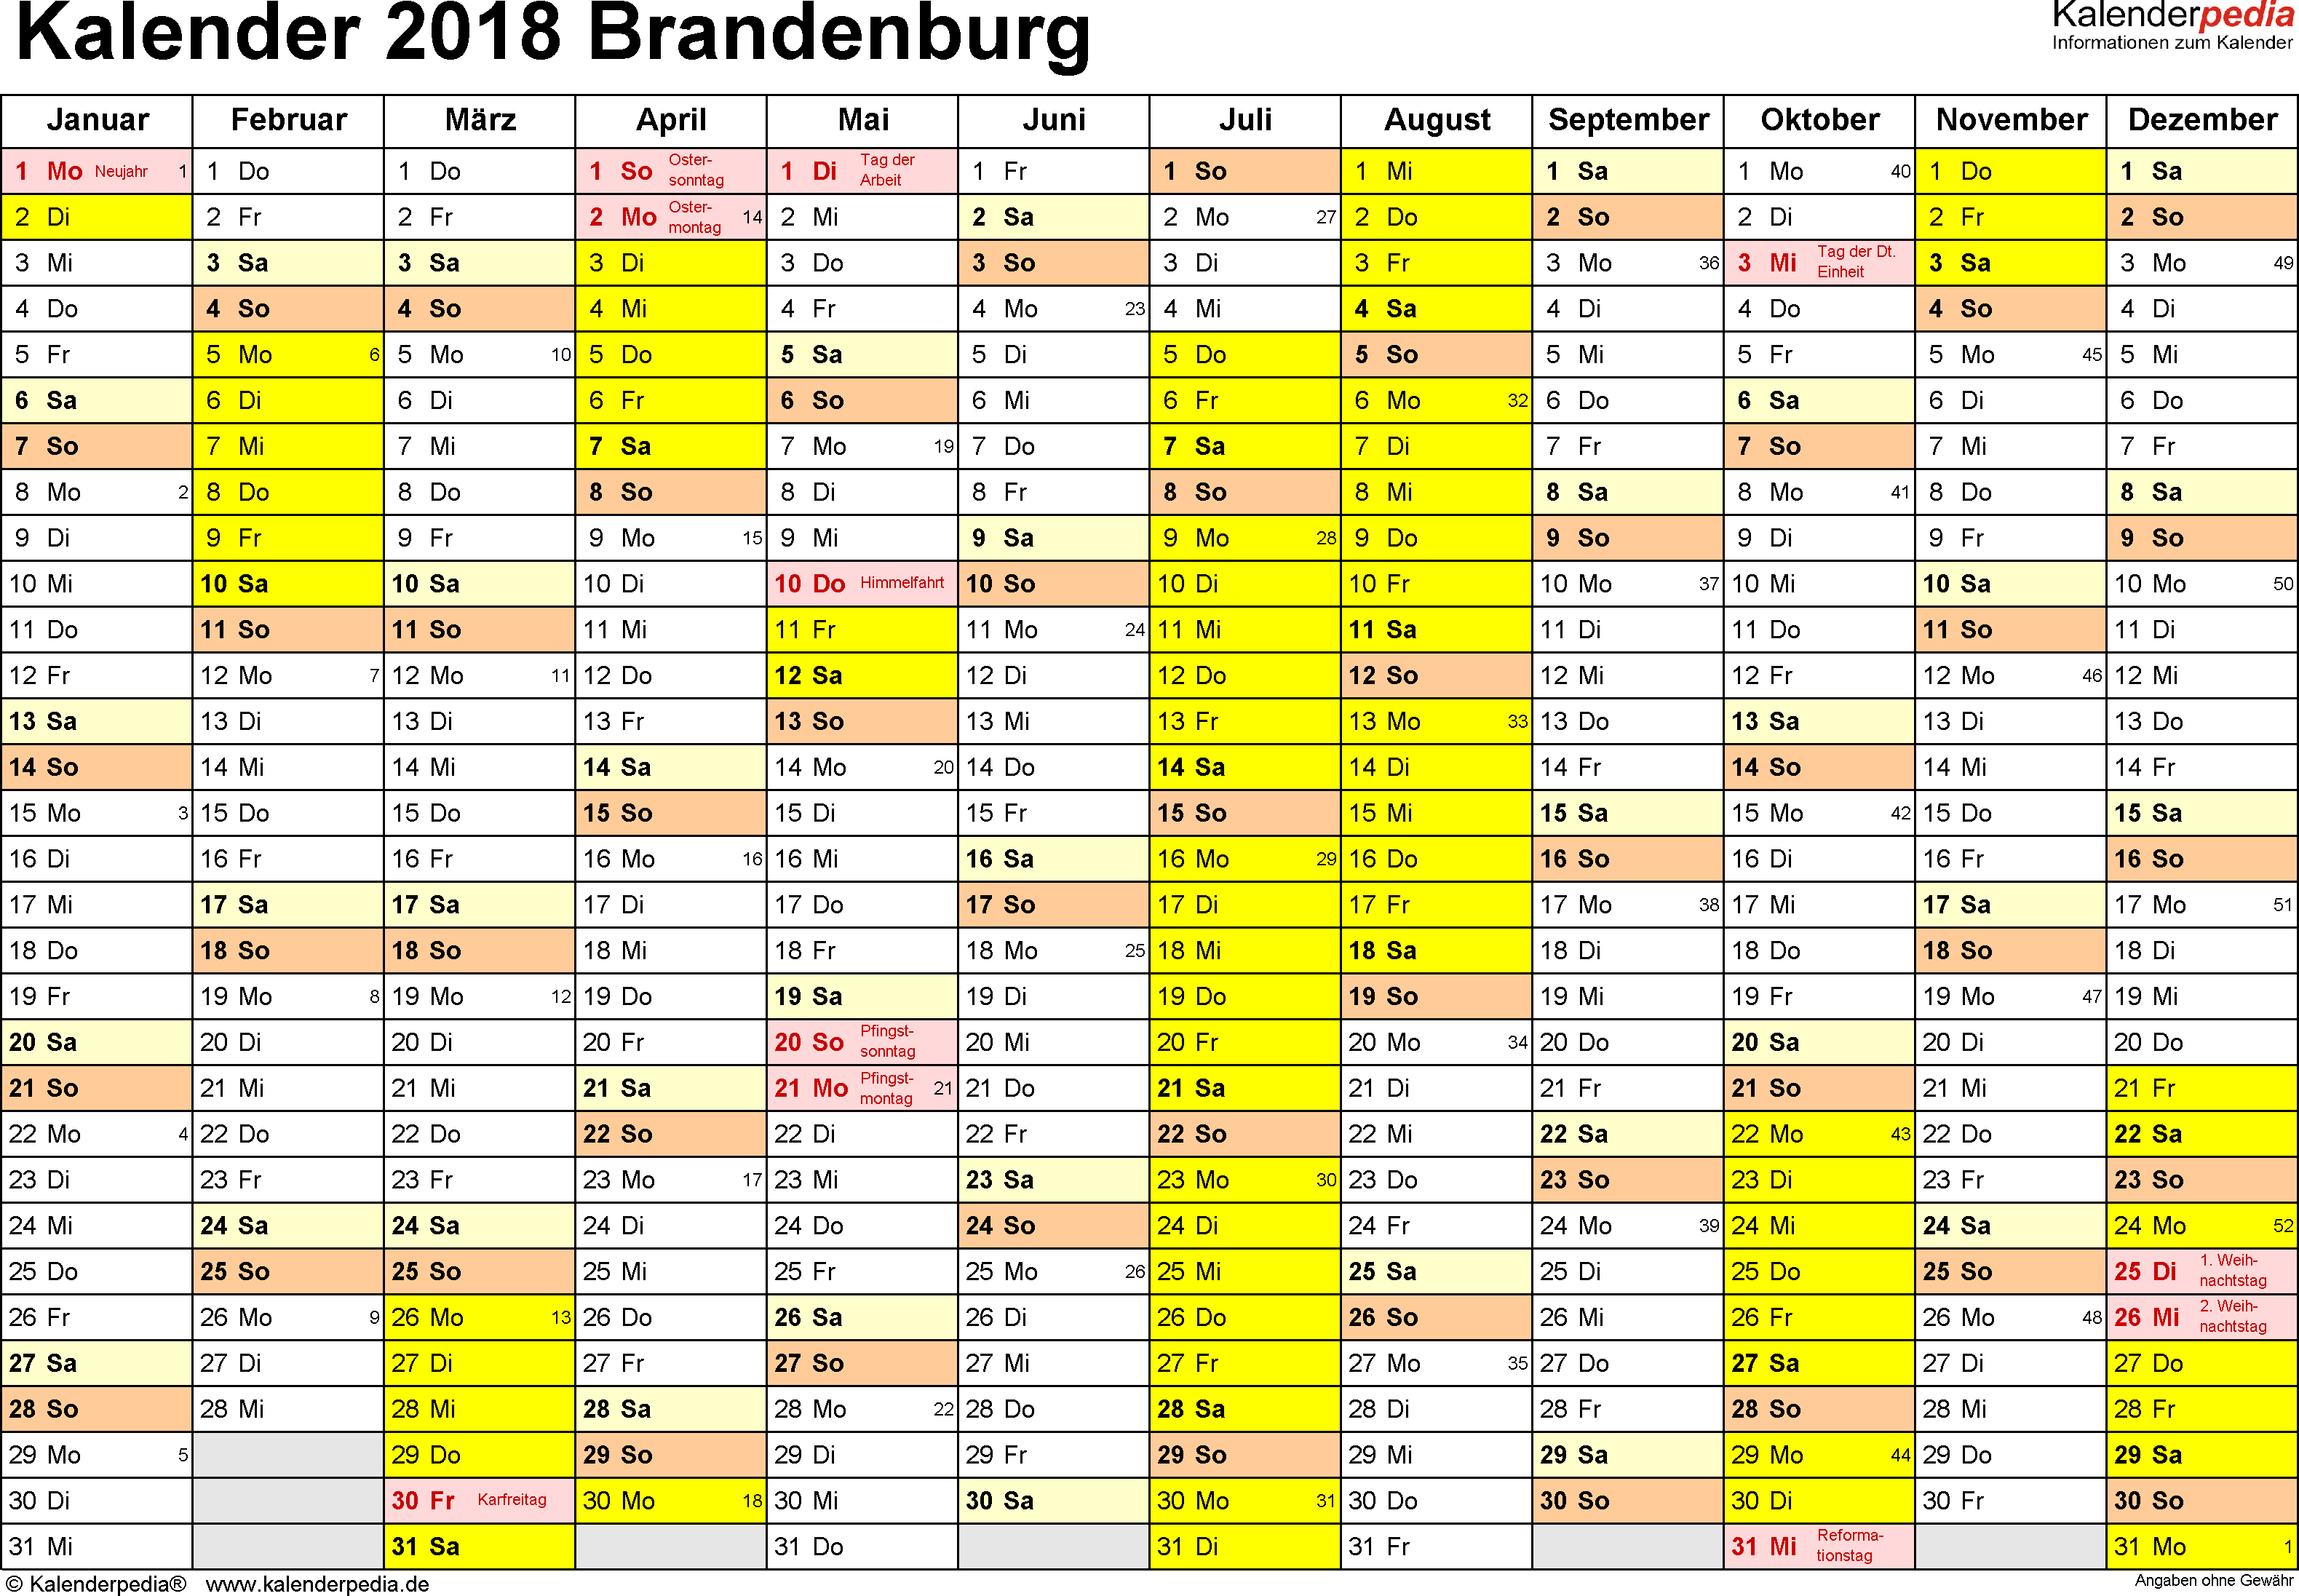 Vorlage 1: Kalender 2018 für Brandenburg als PDF-Vorlagen (Querformat, 1 Seite)